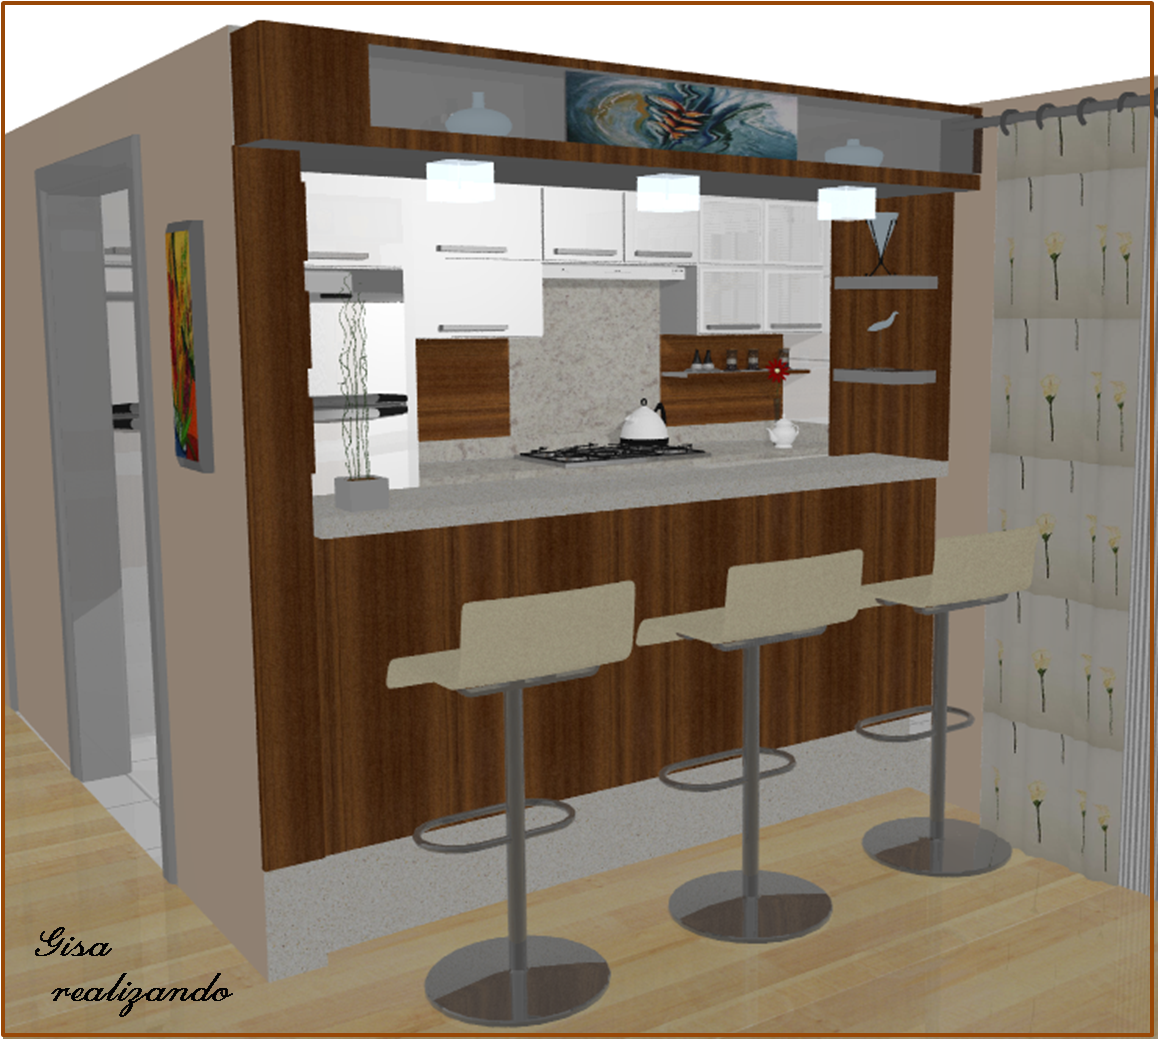 #674020 para colocar as luminárias e fazer o detalhe do nicho de cima para  1159x1040 px Projetos De Cozinhas Para Bar #641 imagens